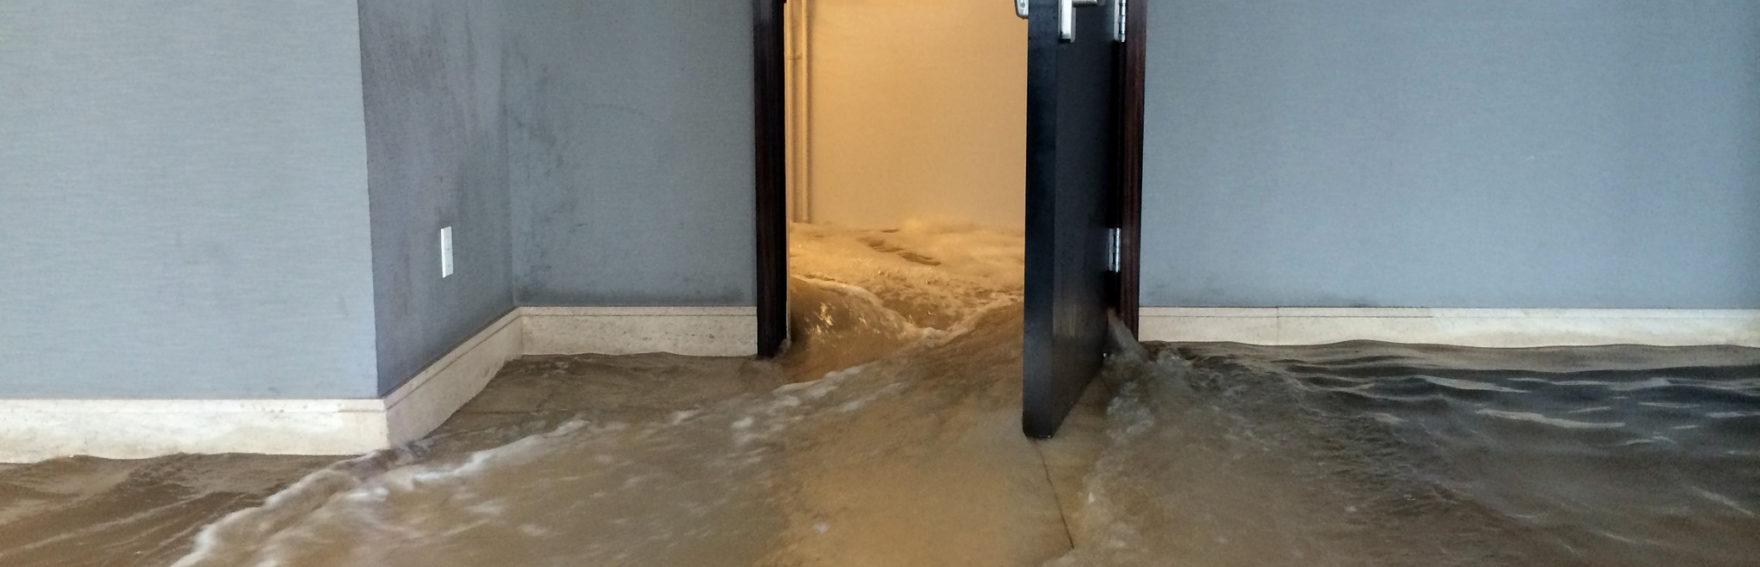 Устранение последствий потопа